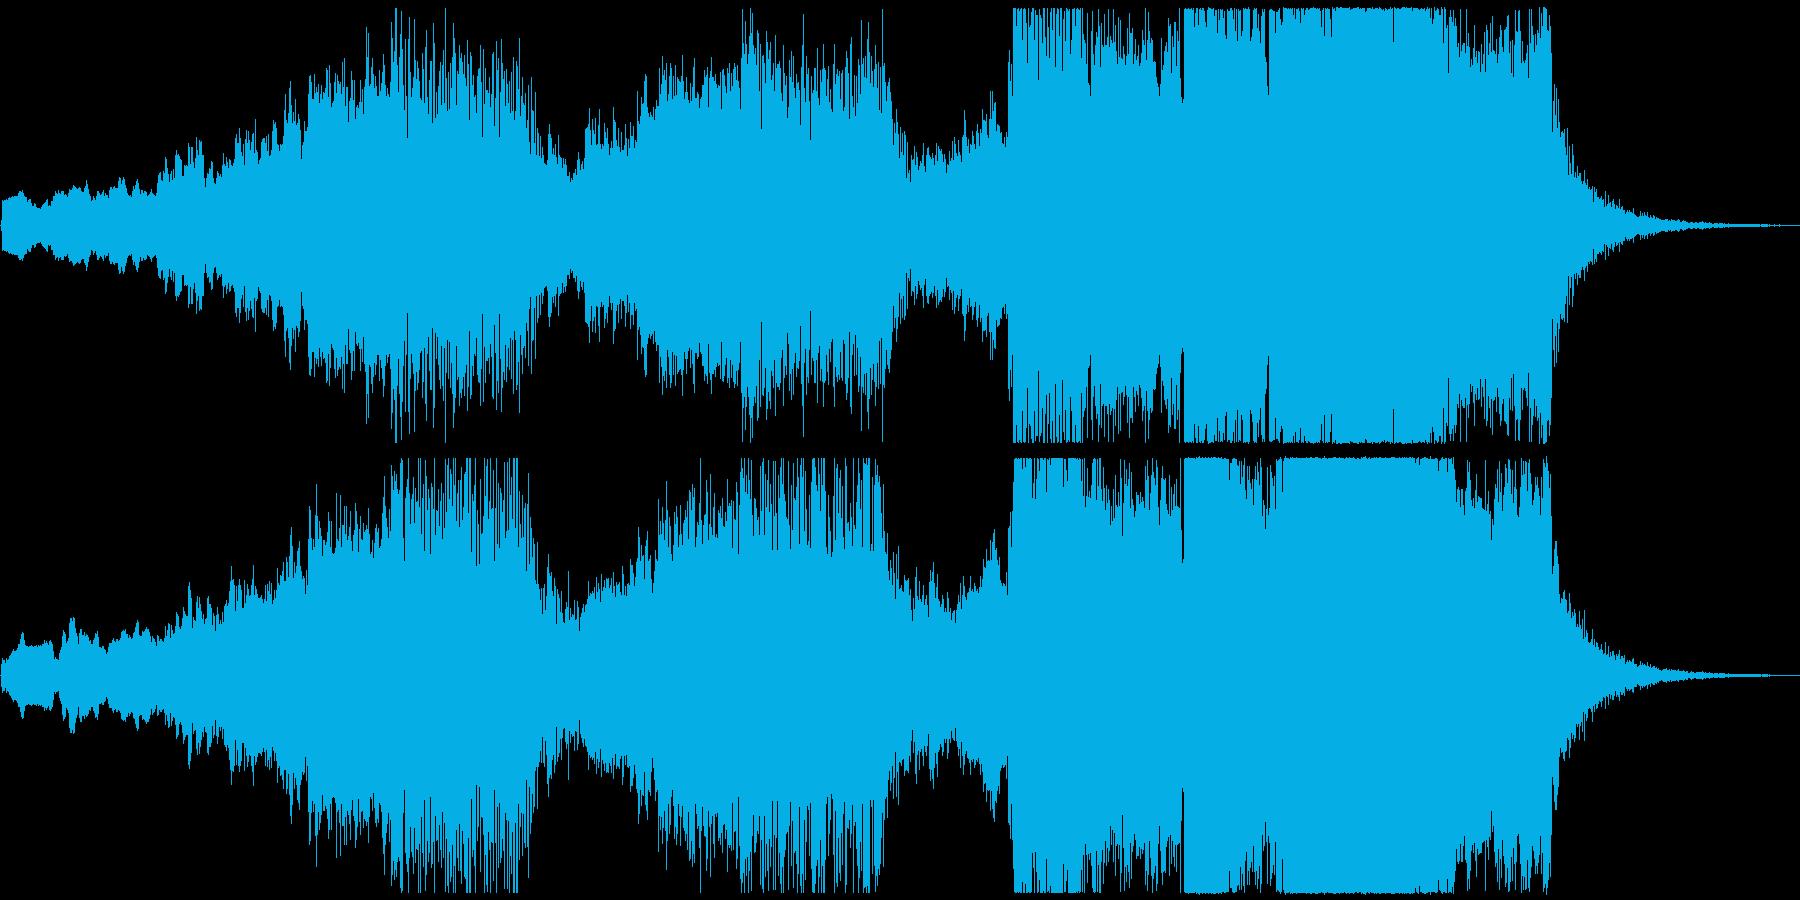 宇宙的な『ツァラトゥストラはかく語りき』の再生済みの波形